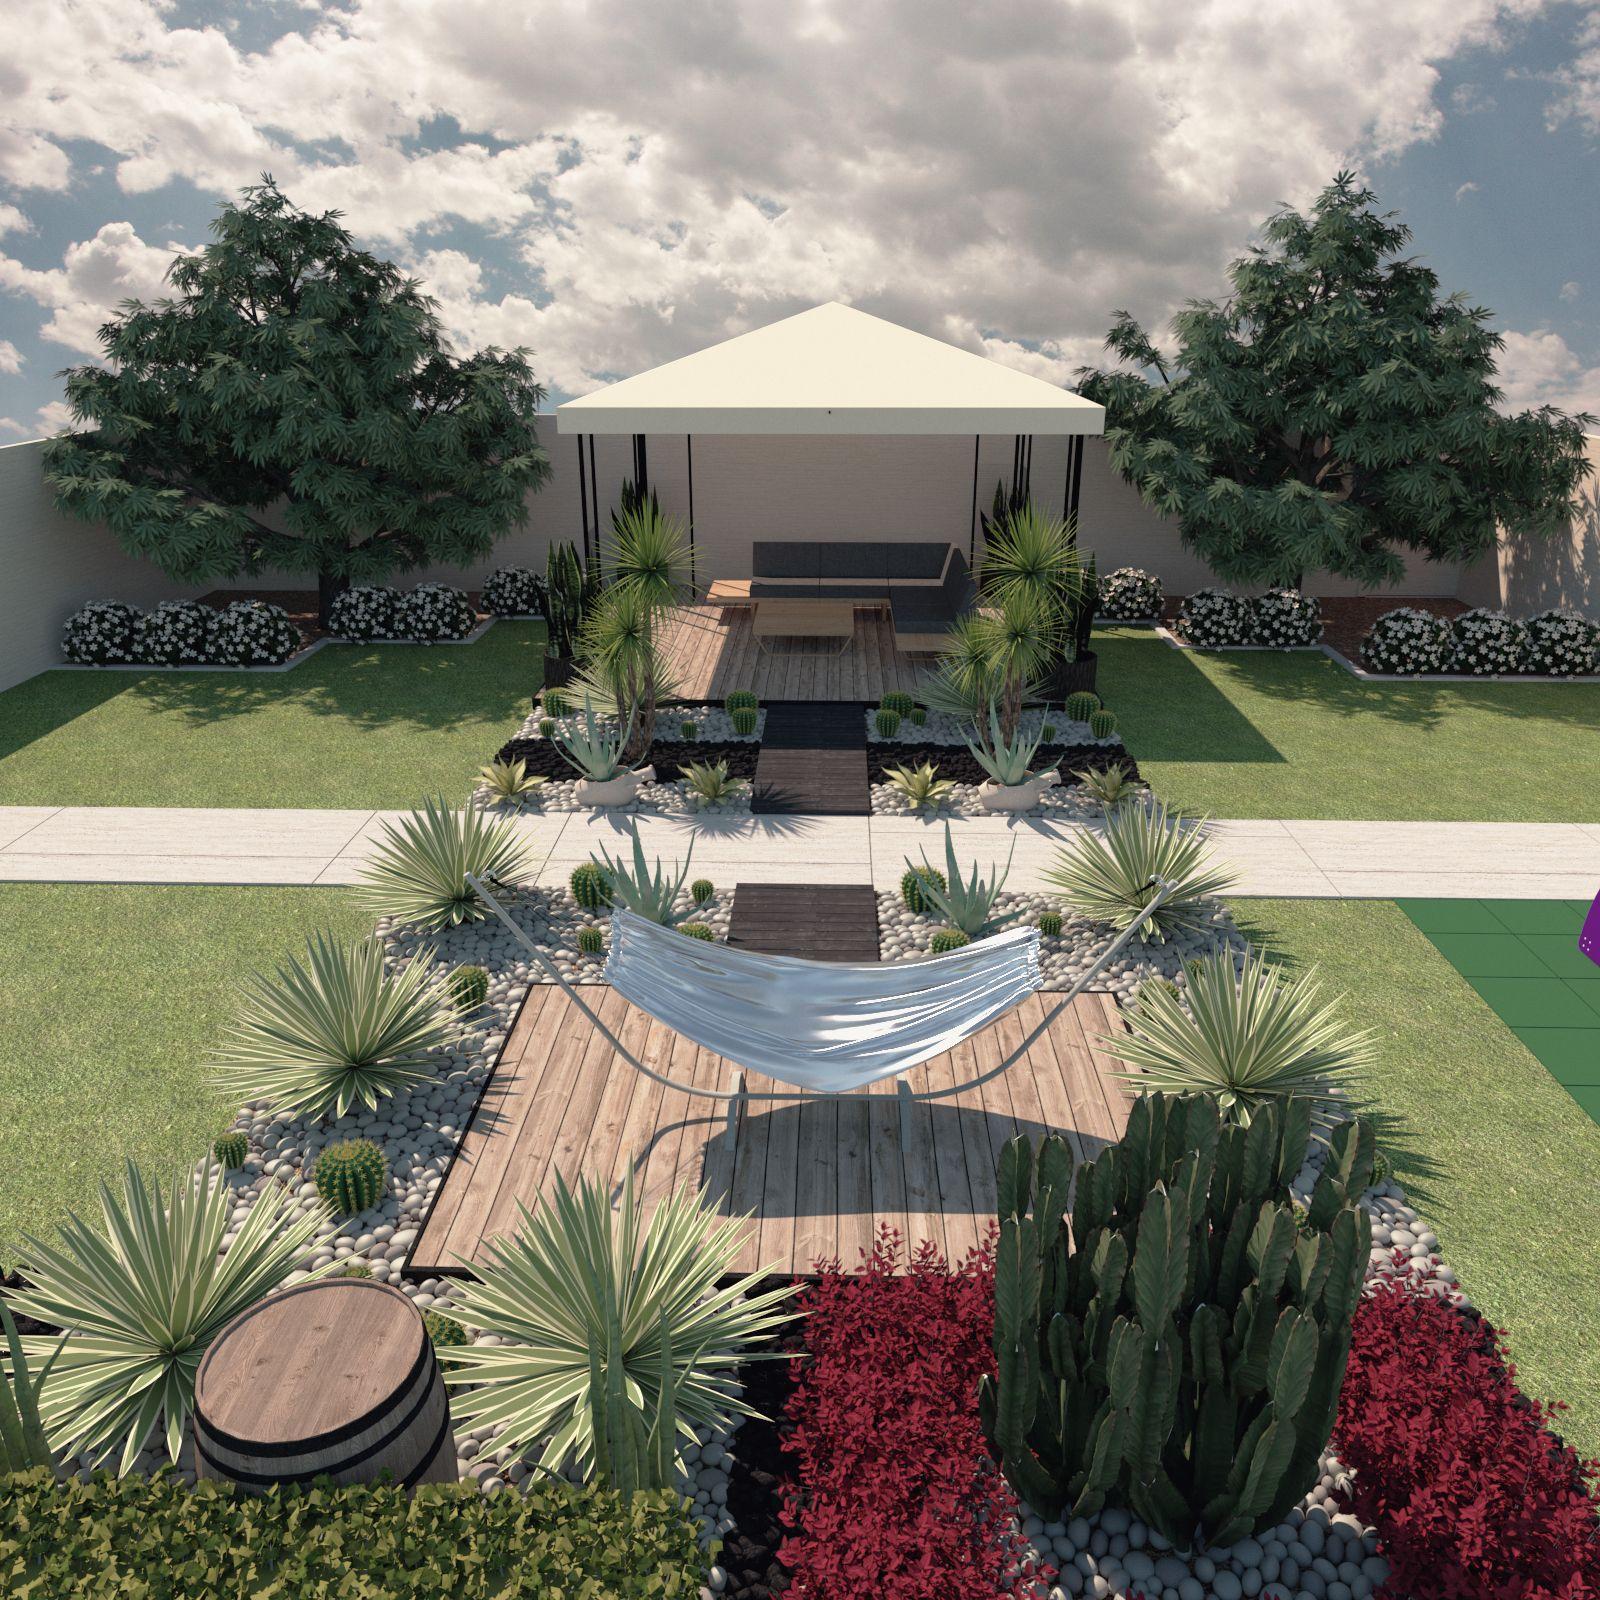 Landscape Presentation Board Landscape Architecture Presentation Landscape Design Drawings Urban Landscape Design